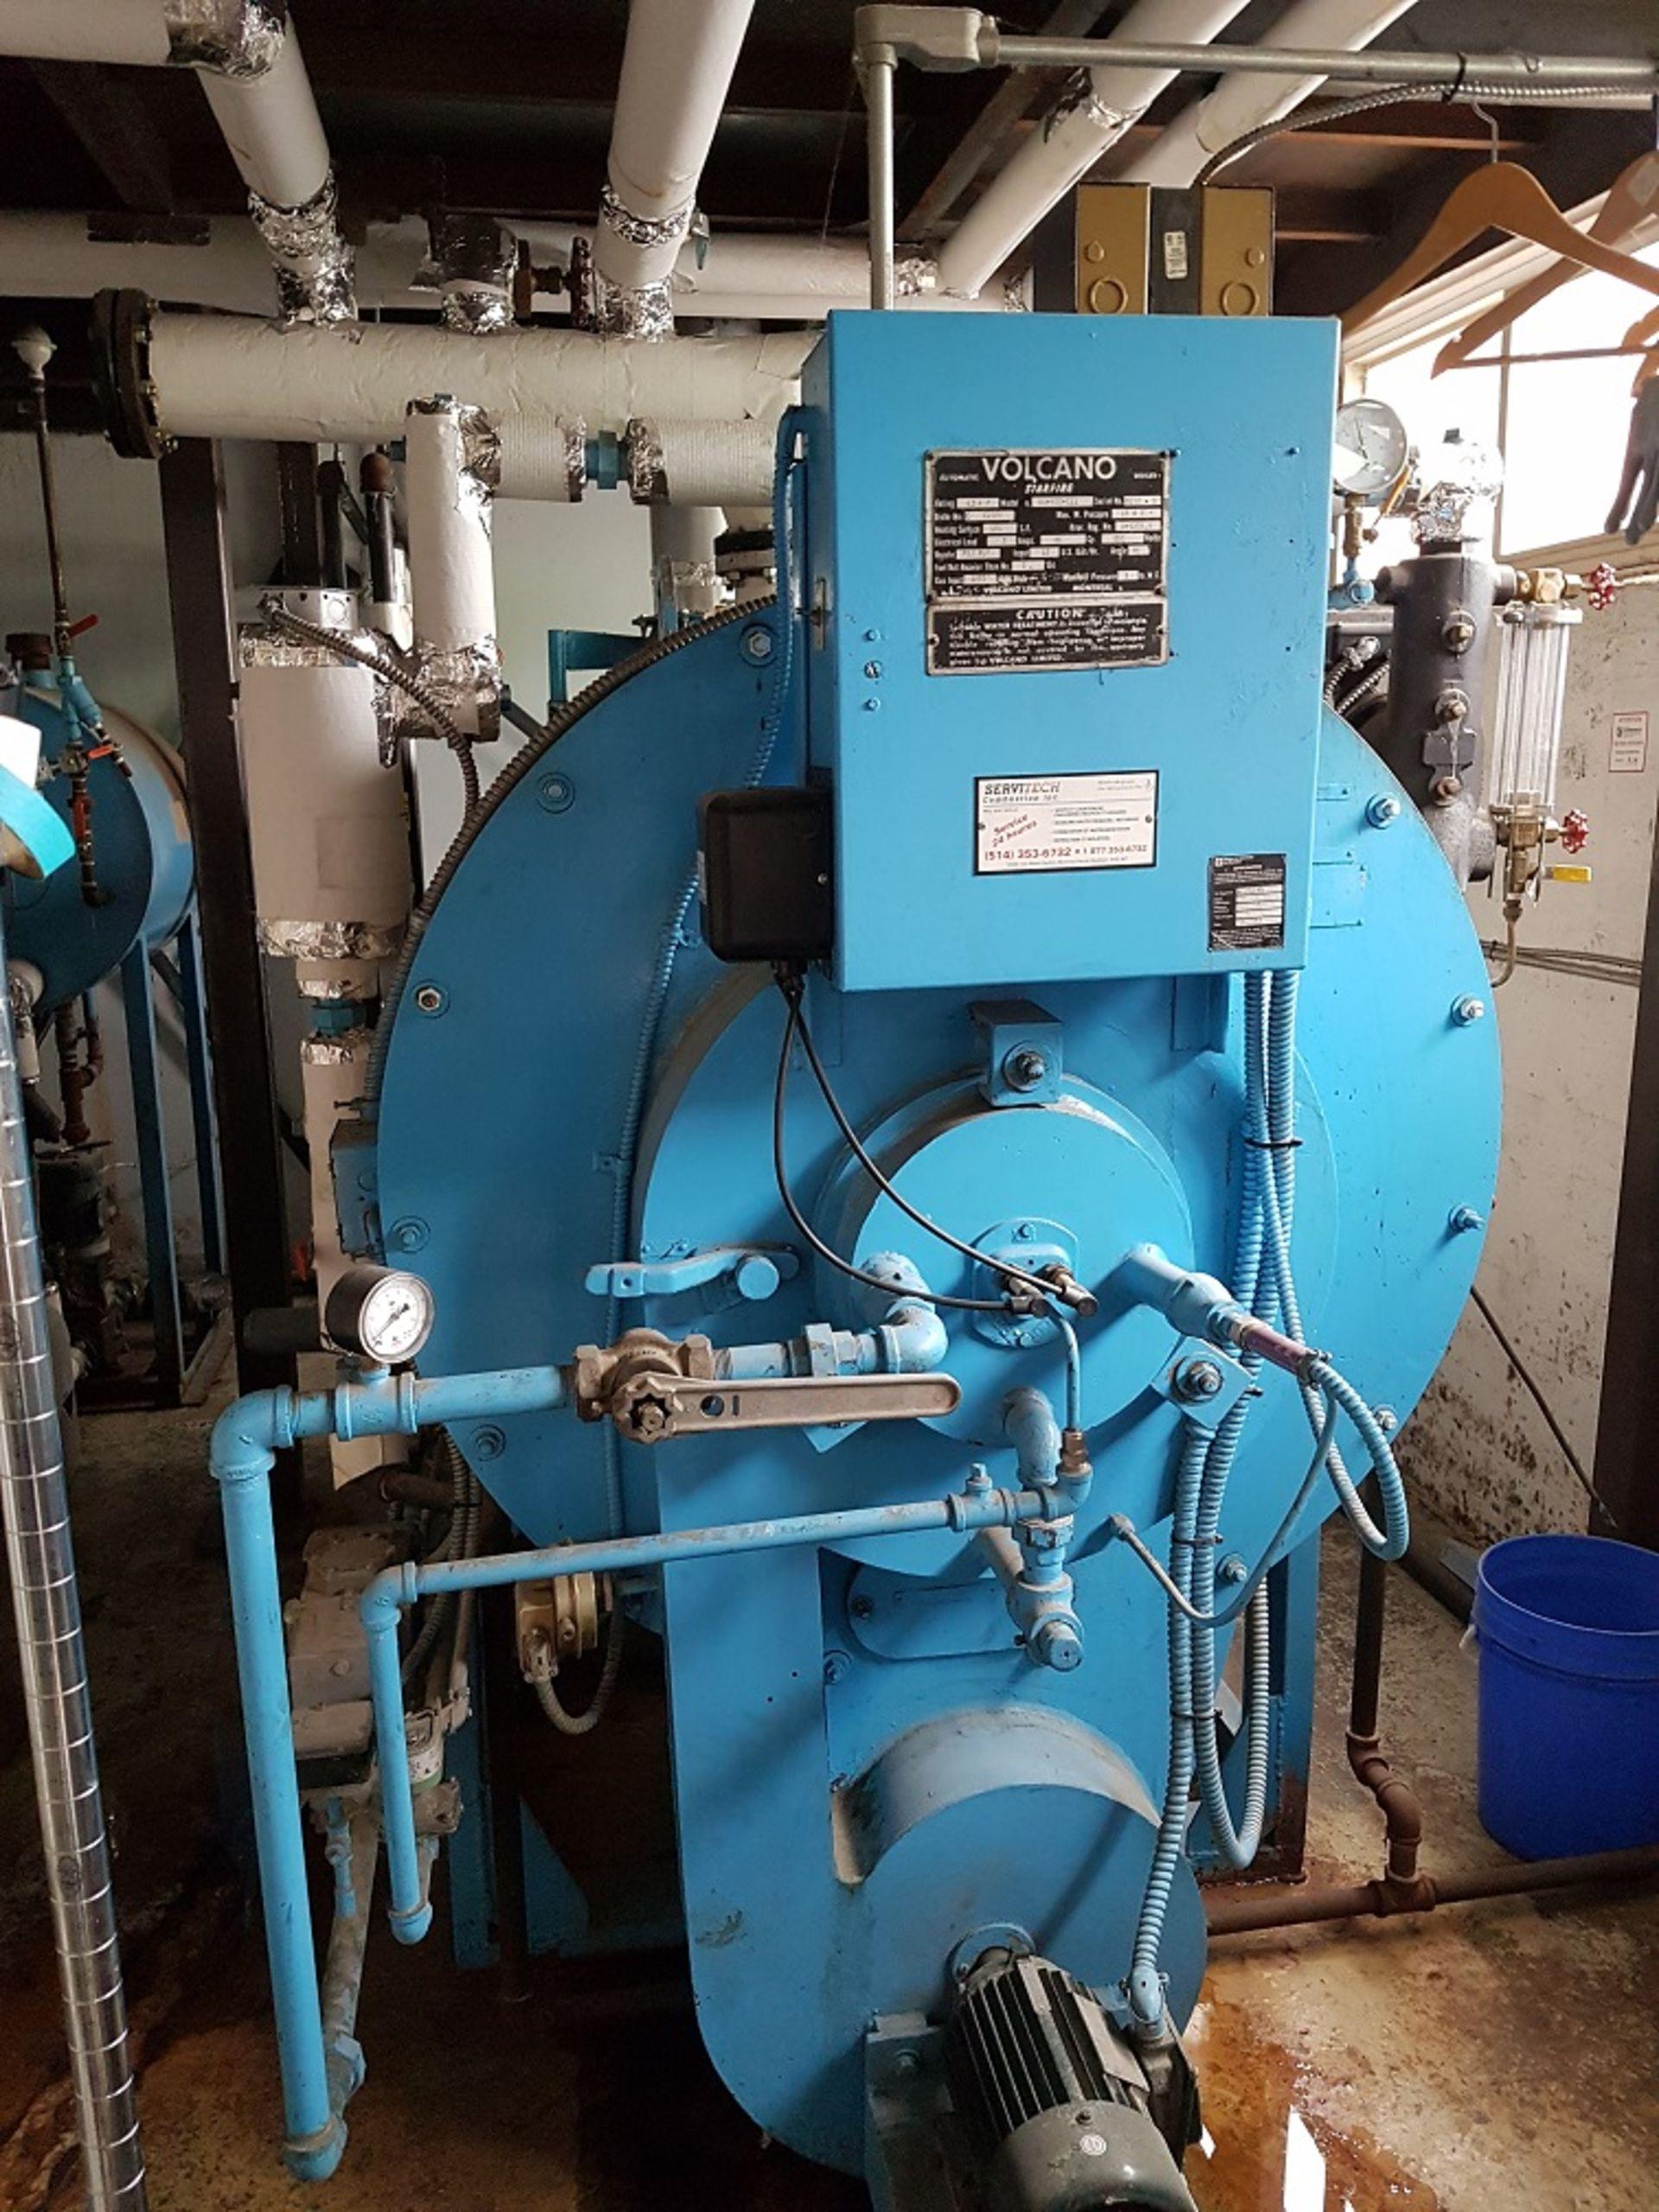 Lot 400 - Volcano Boiler, Gas Boiler, 40 HP -- Volcano Boiler, Model: 44-40E-G11, S/N: 5190-S, 40 HP,